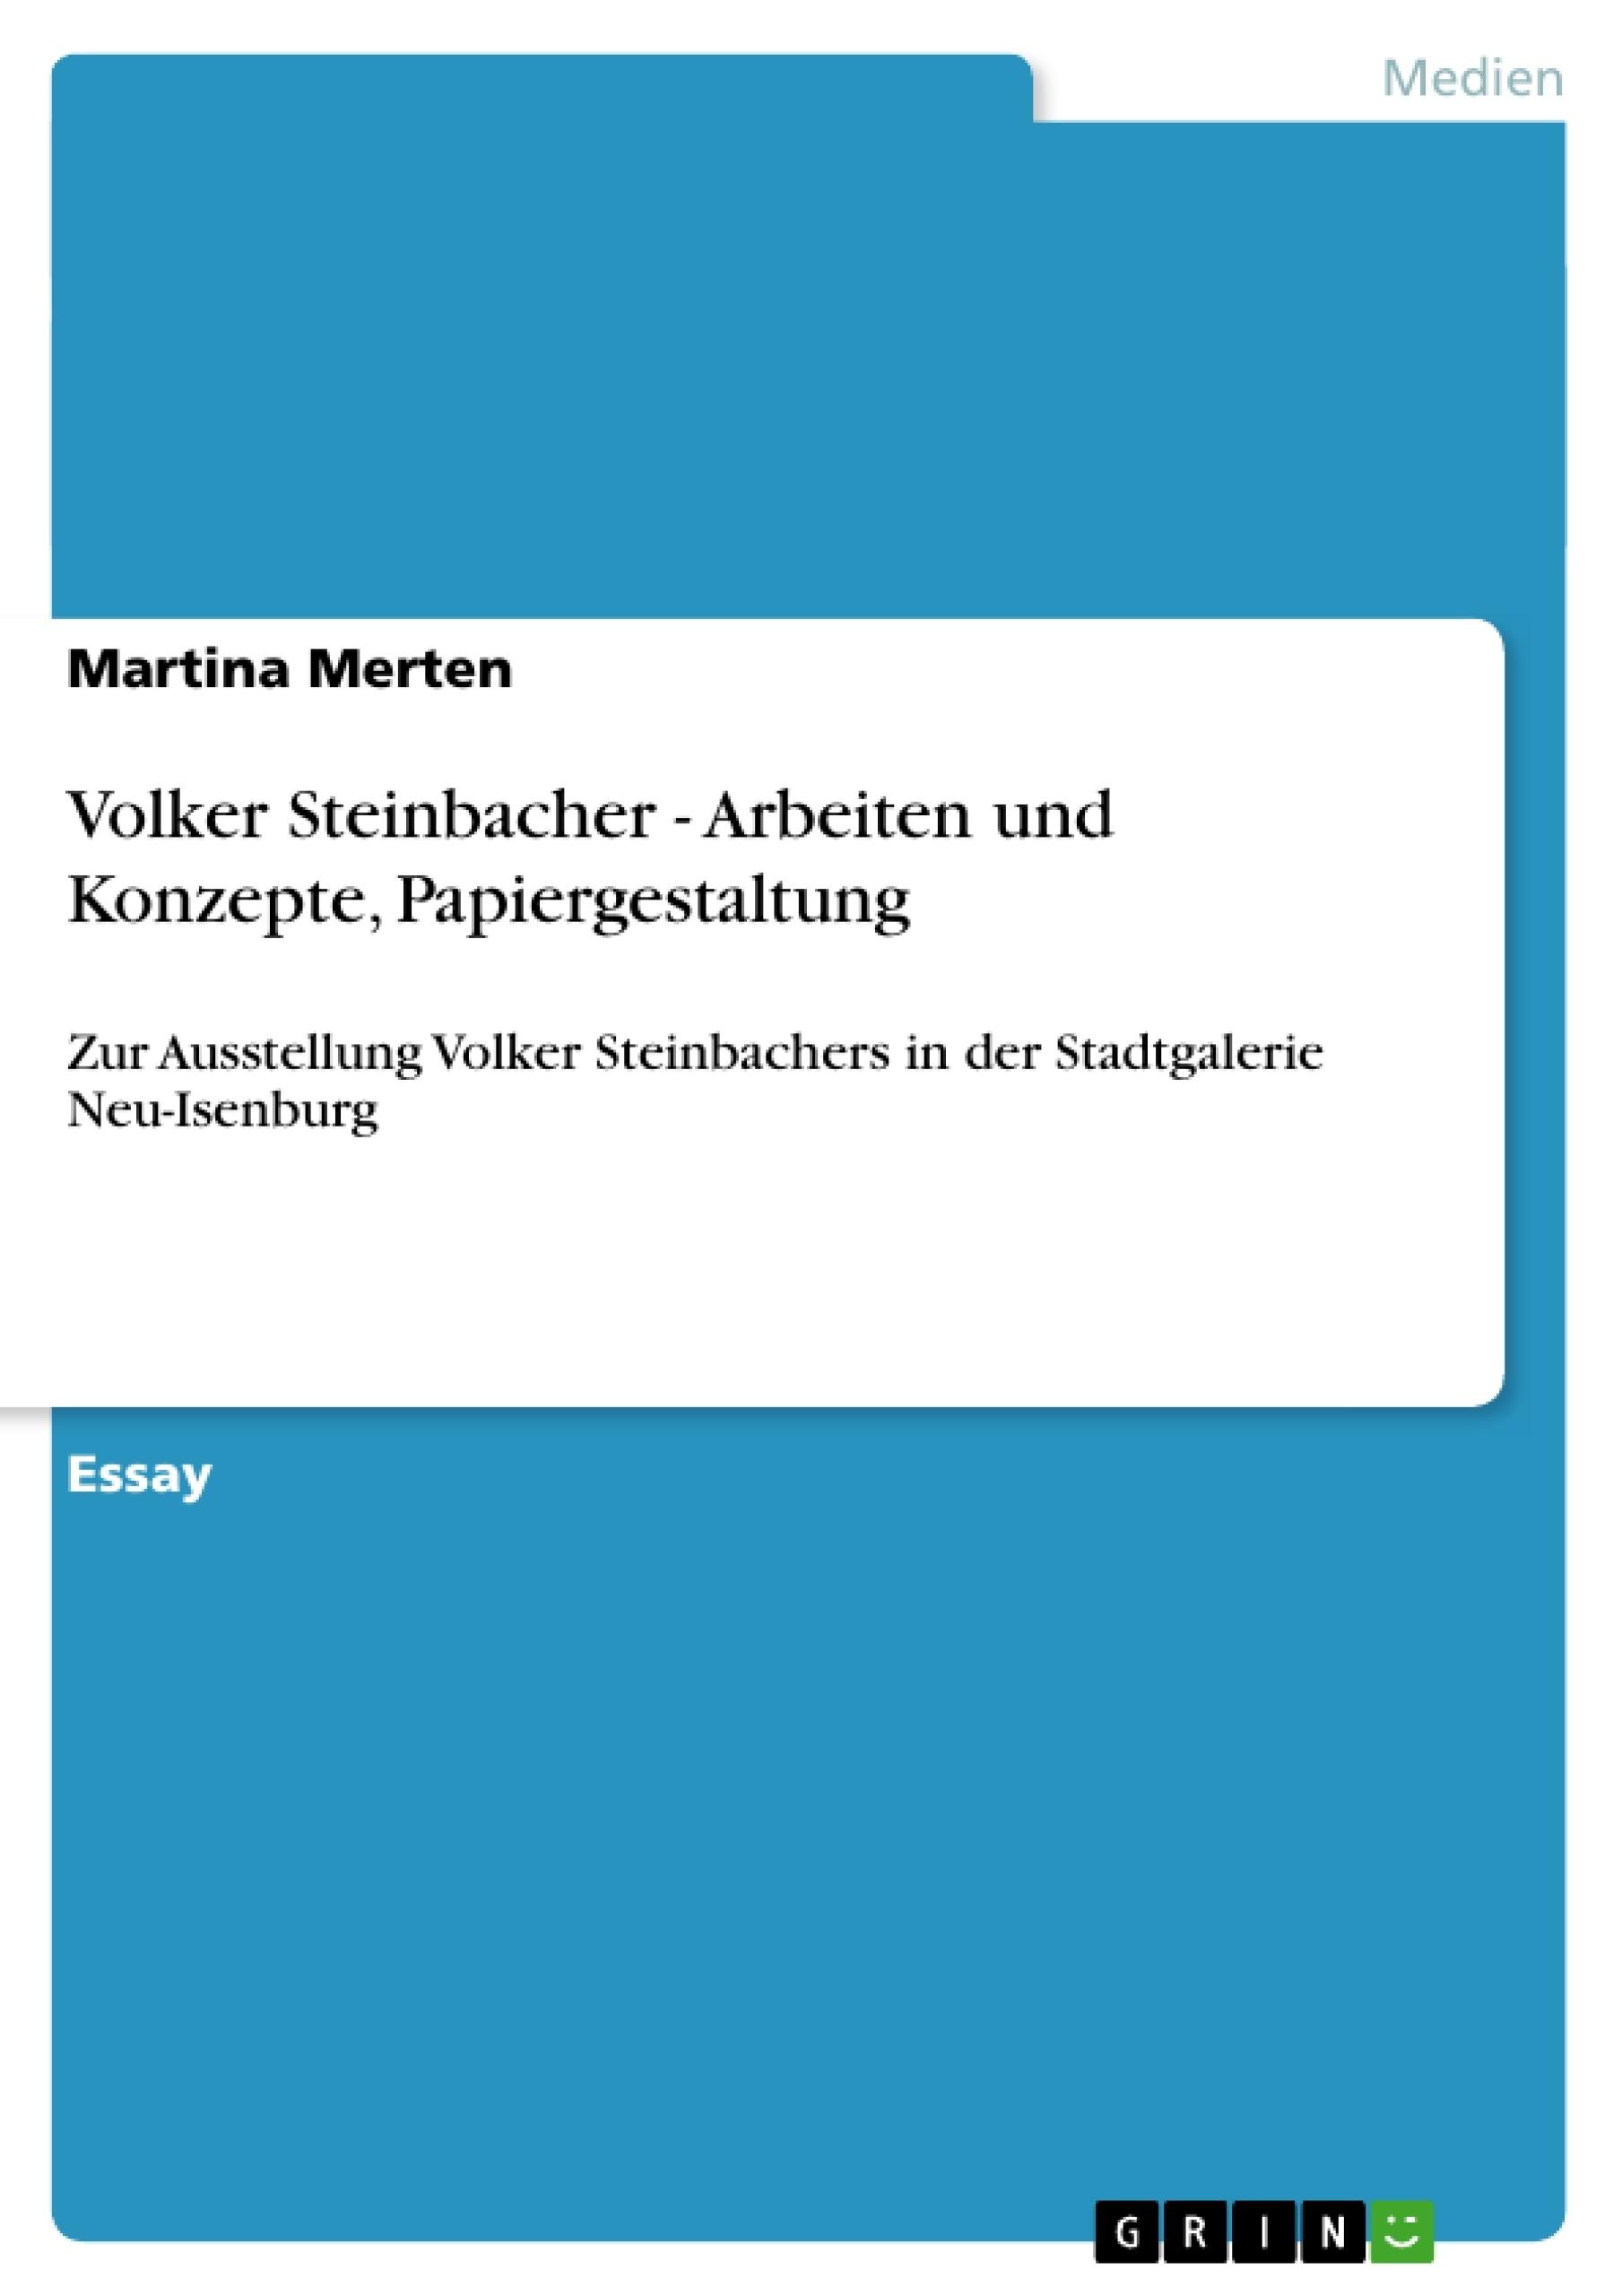 Titel: Volker Steinbacher - Arbeiten und Konzepte, Papiergestaltung